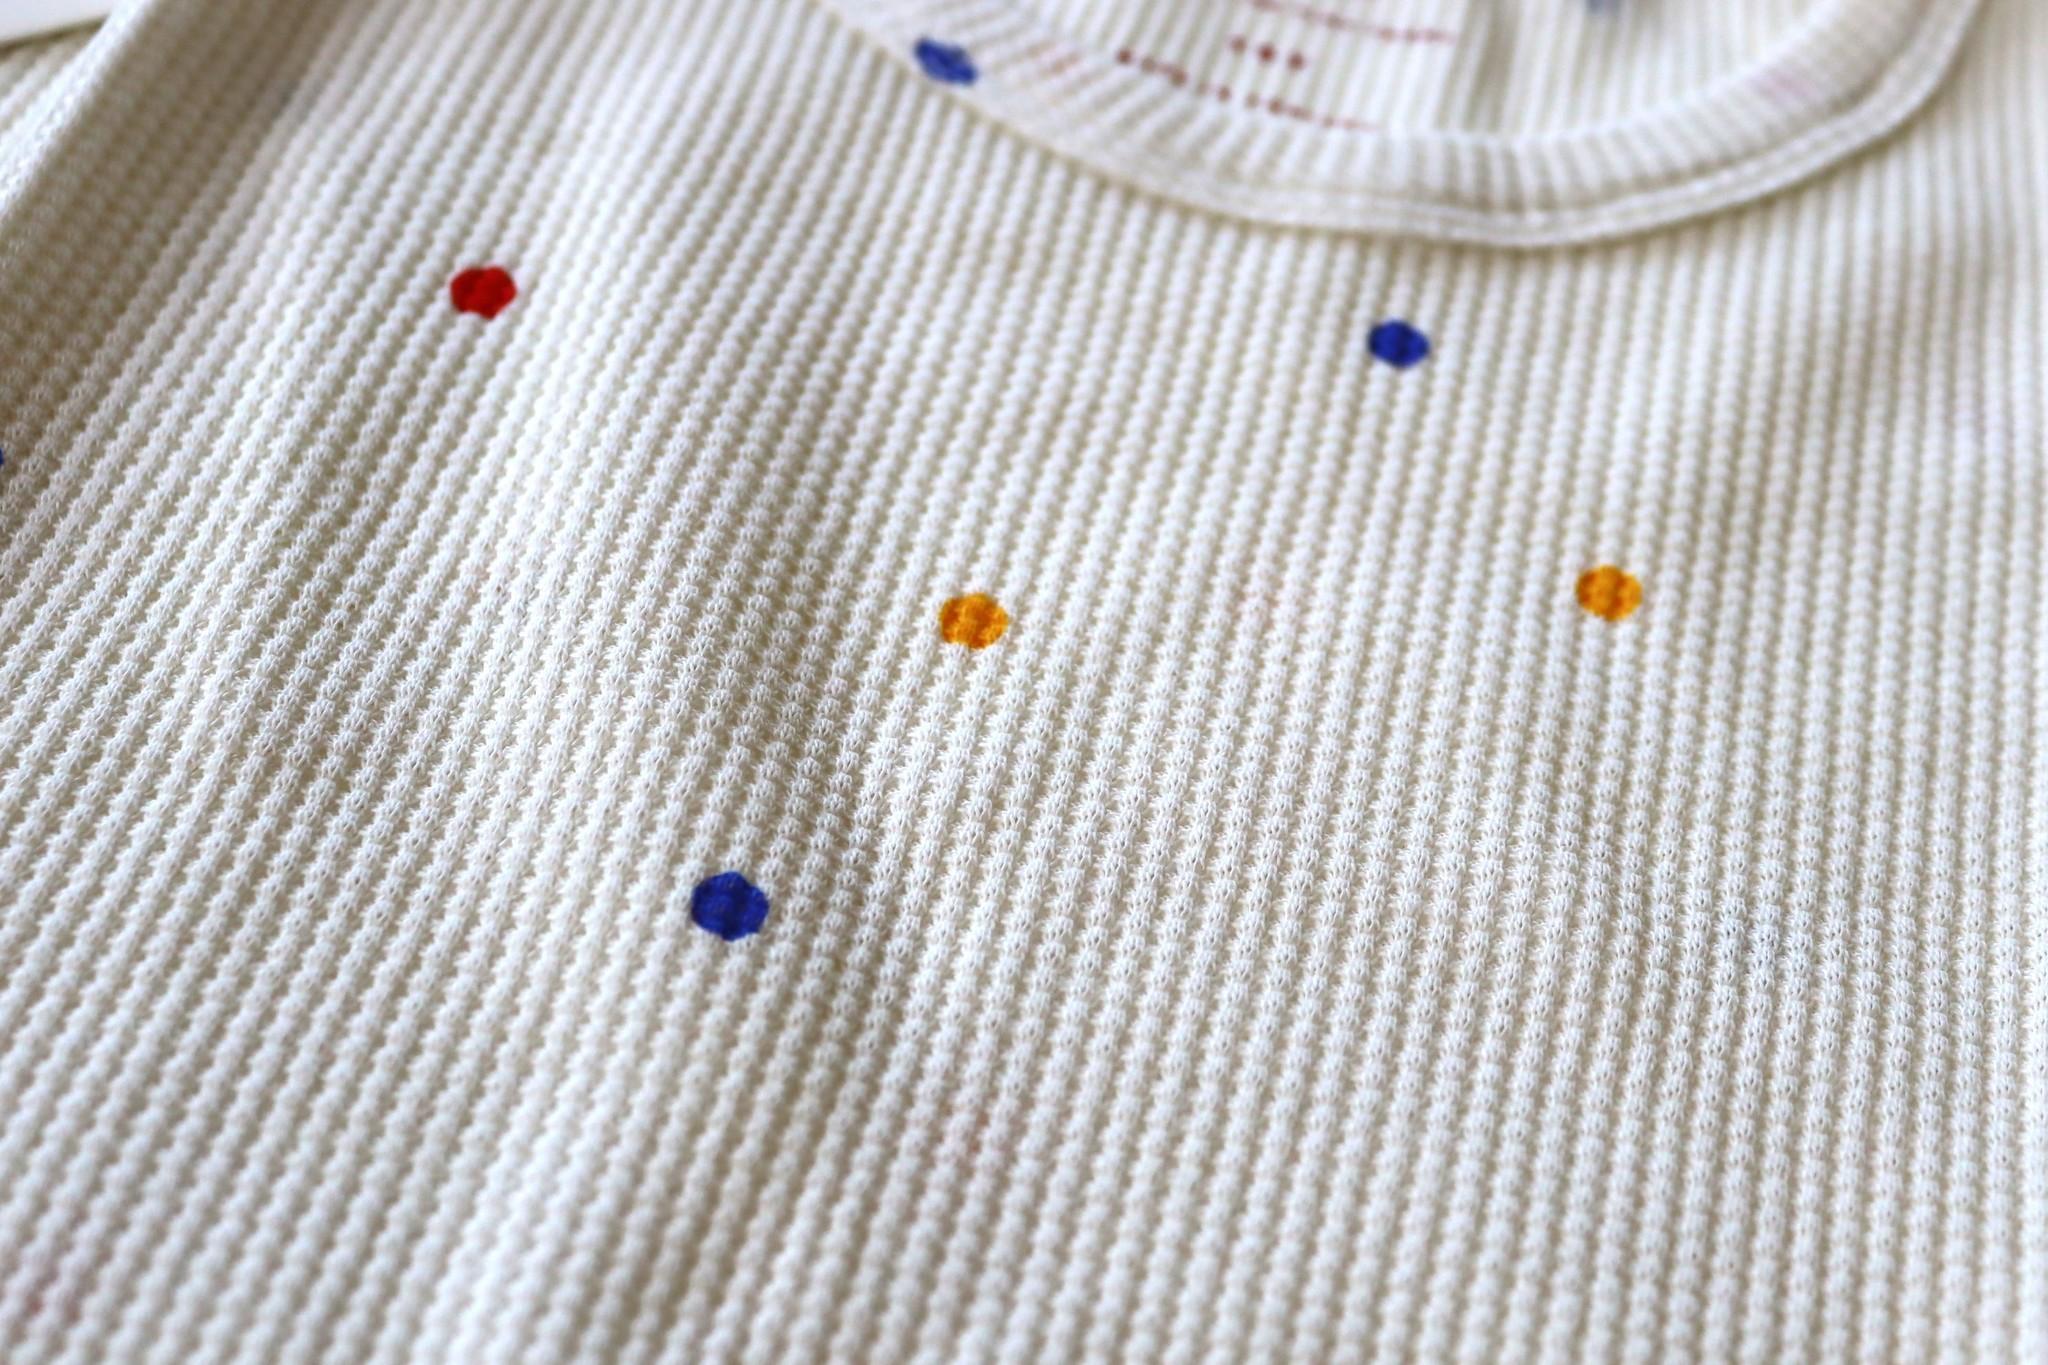 Ice cream dots baby sweatshirt - Off White-3